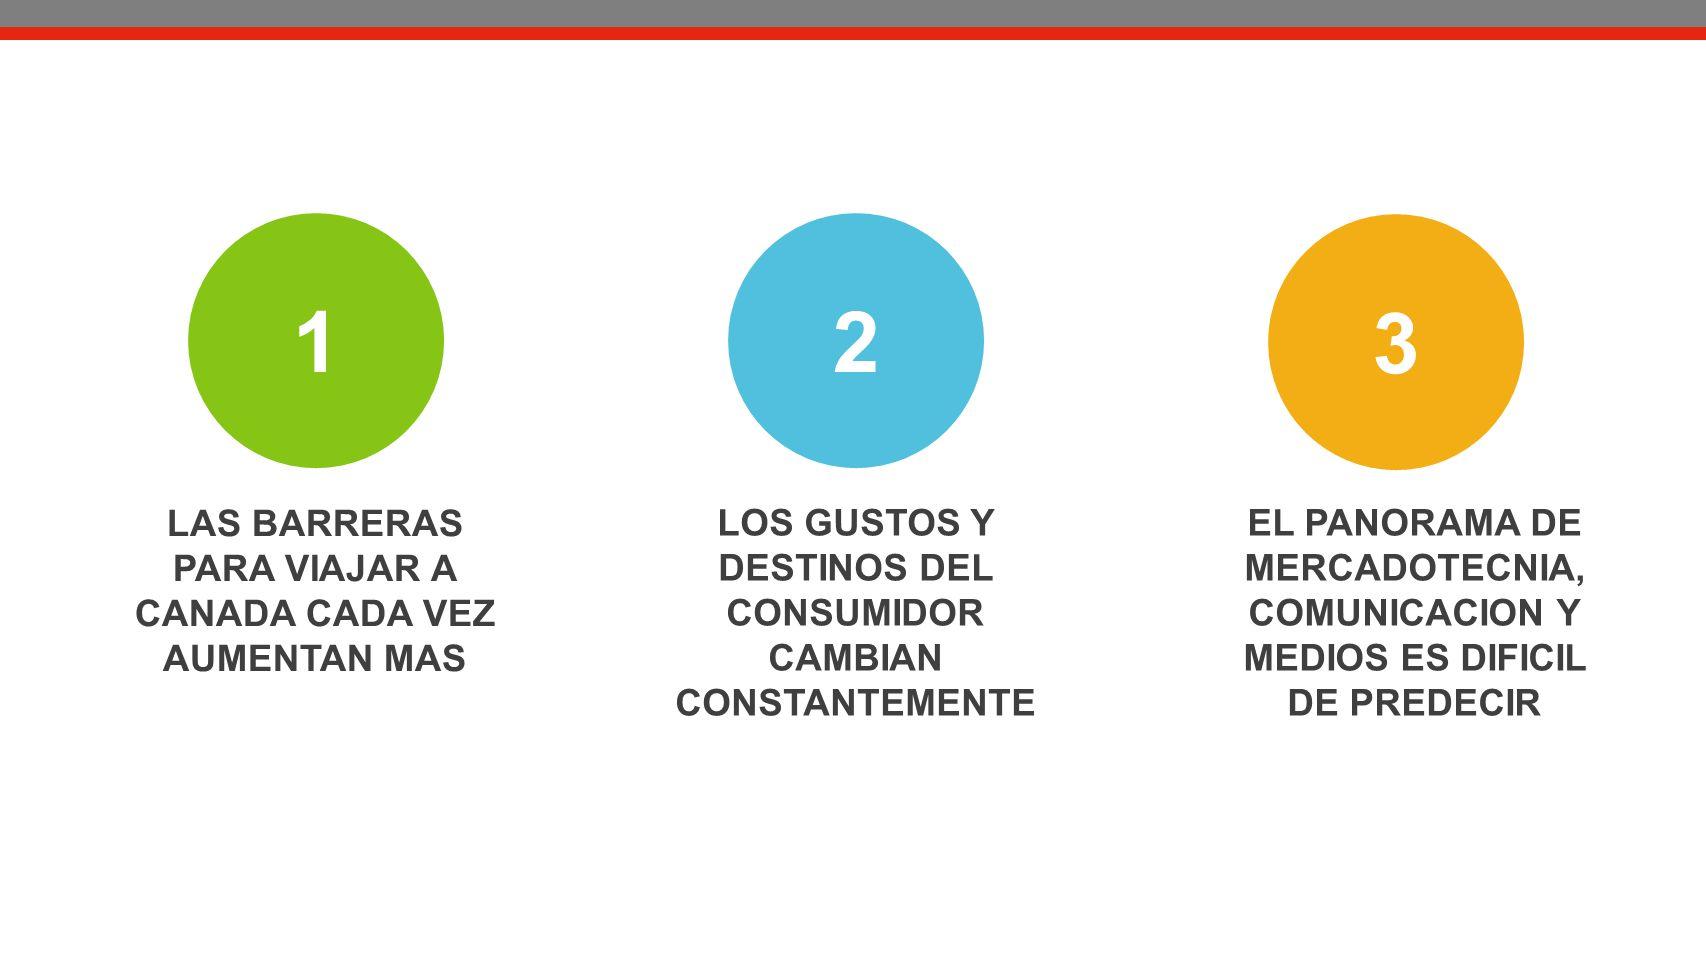 EN EL 2015 LOS DESTINOS PERTENECIENTES A ECONOMIAS EMERGENTES SERAN MAS POPULARES